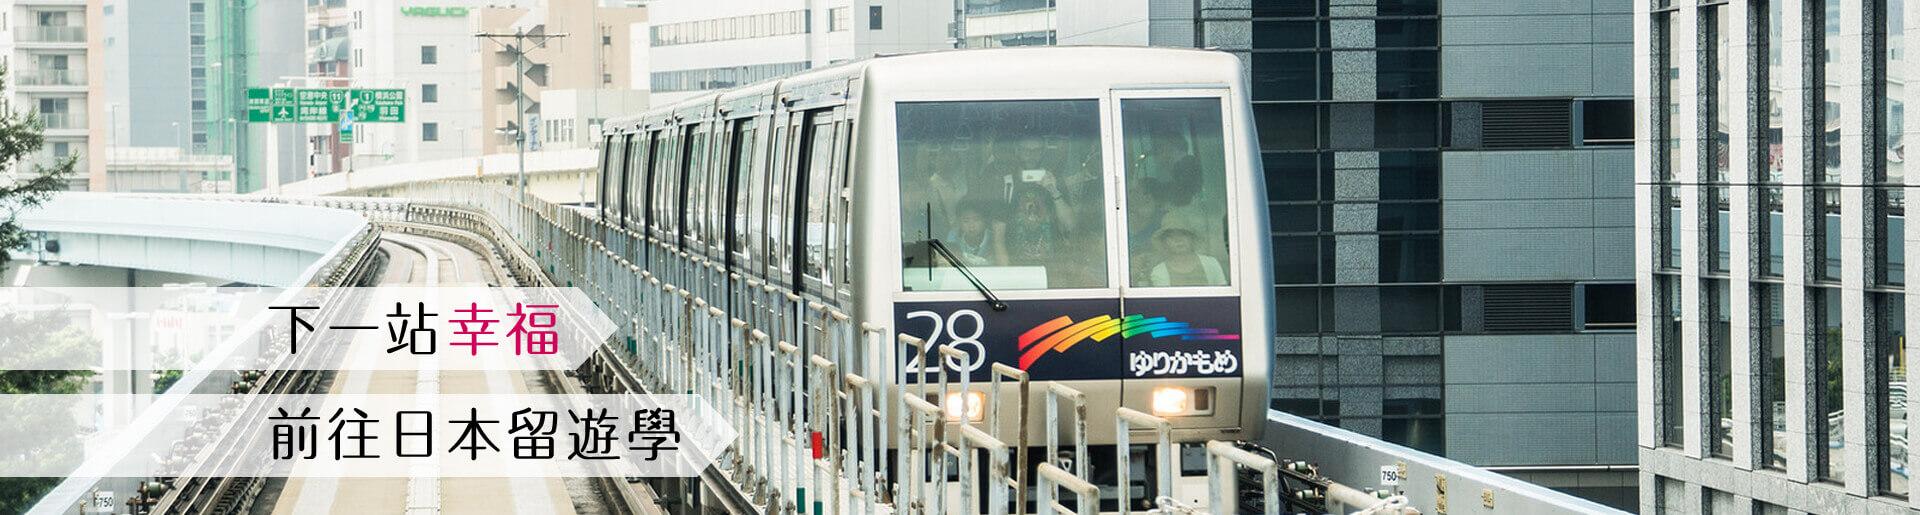 日本打工度假課程